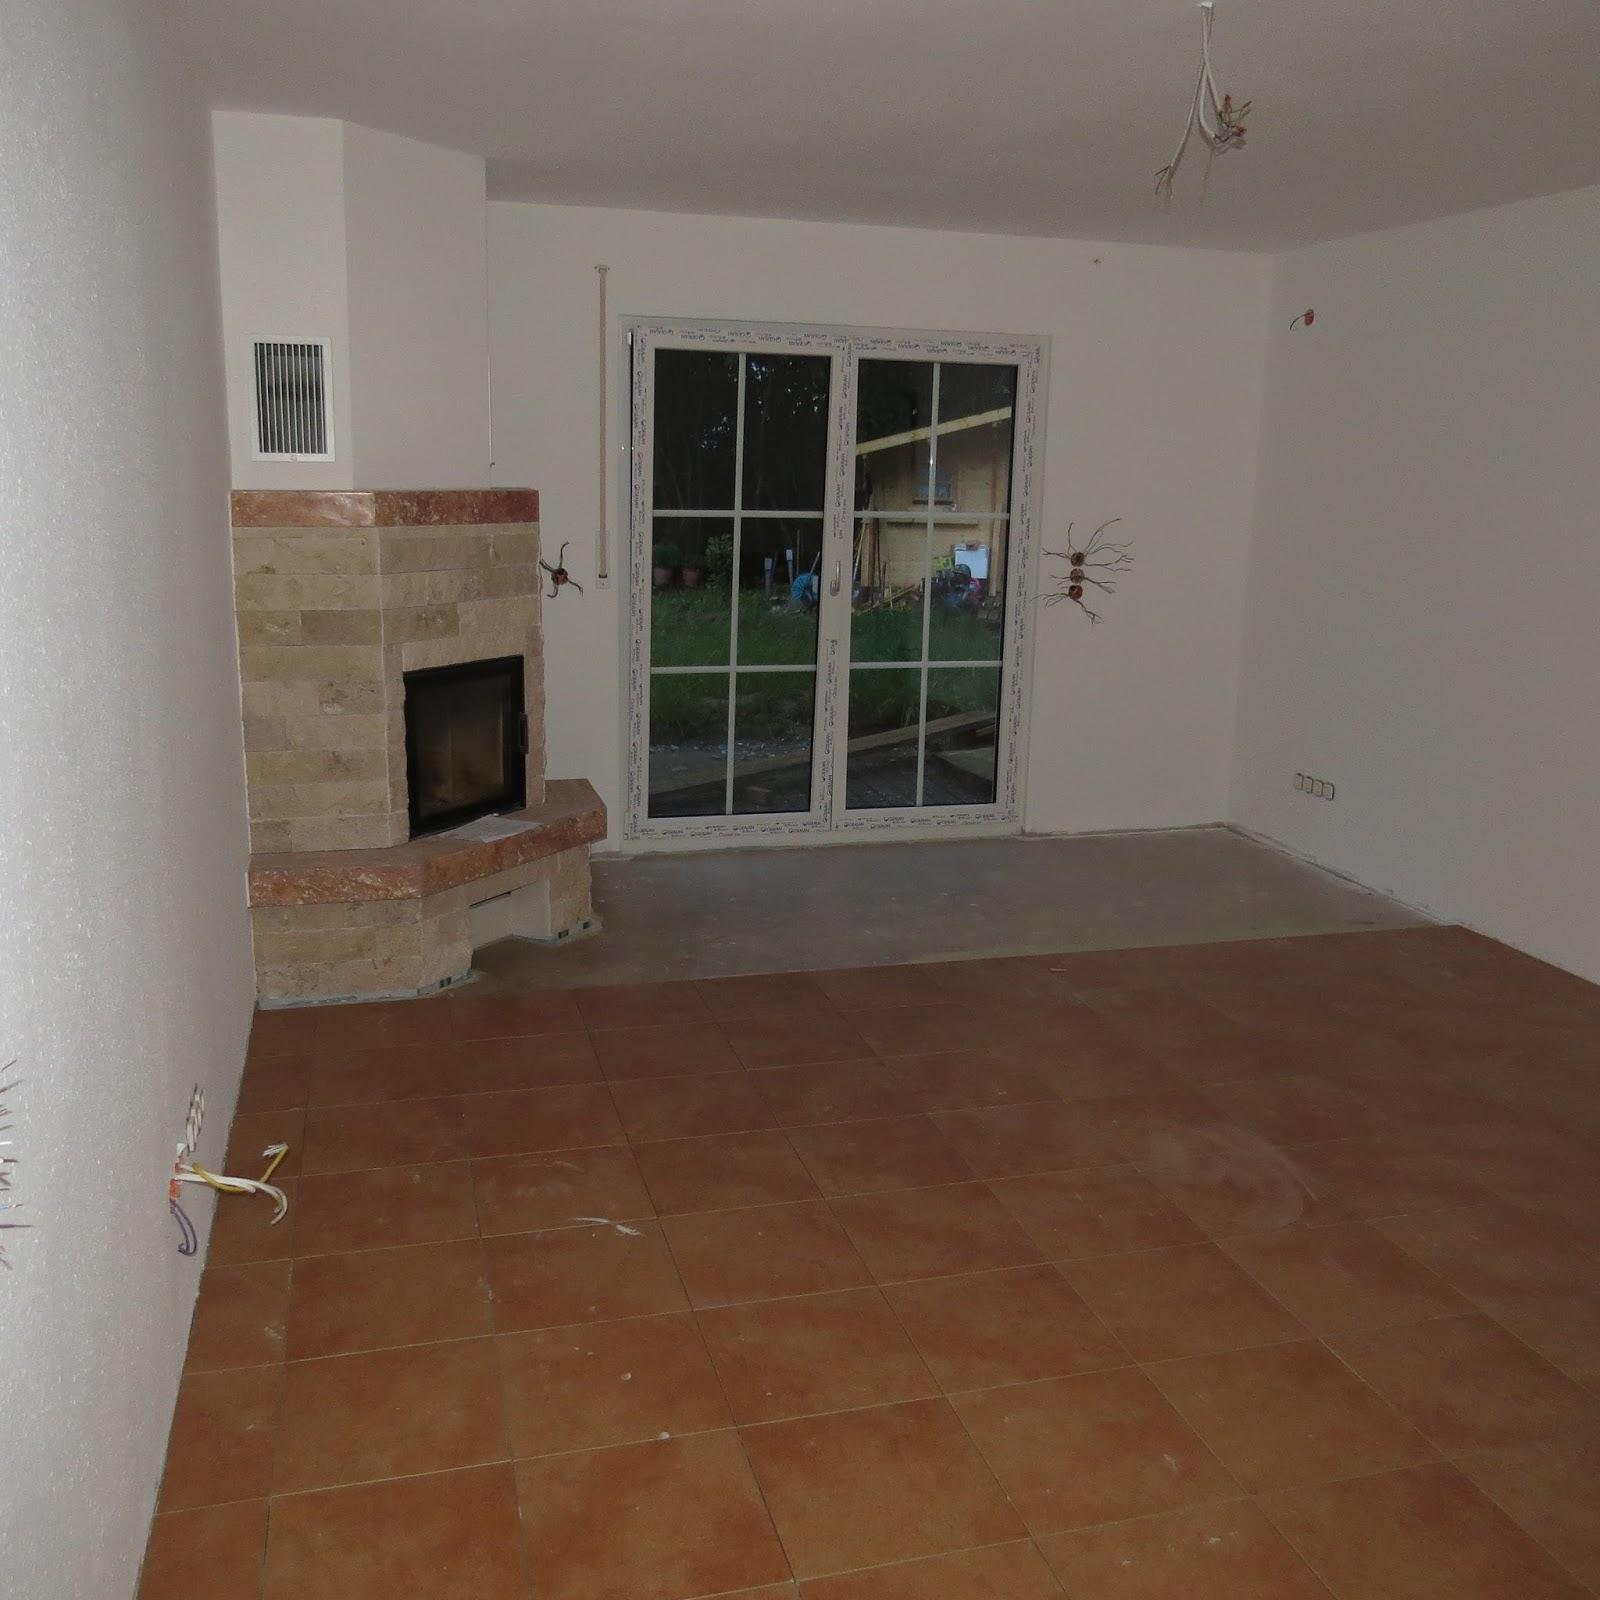 wir bauen mit keitel haus in markt buchbach die pv anlage. Black Bedroom Furniture Sets. Home Design Ideas